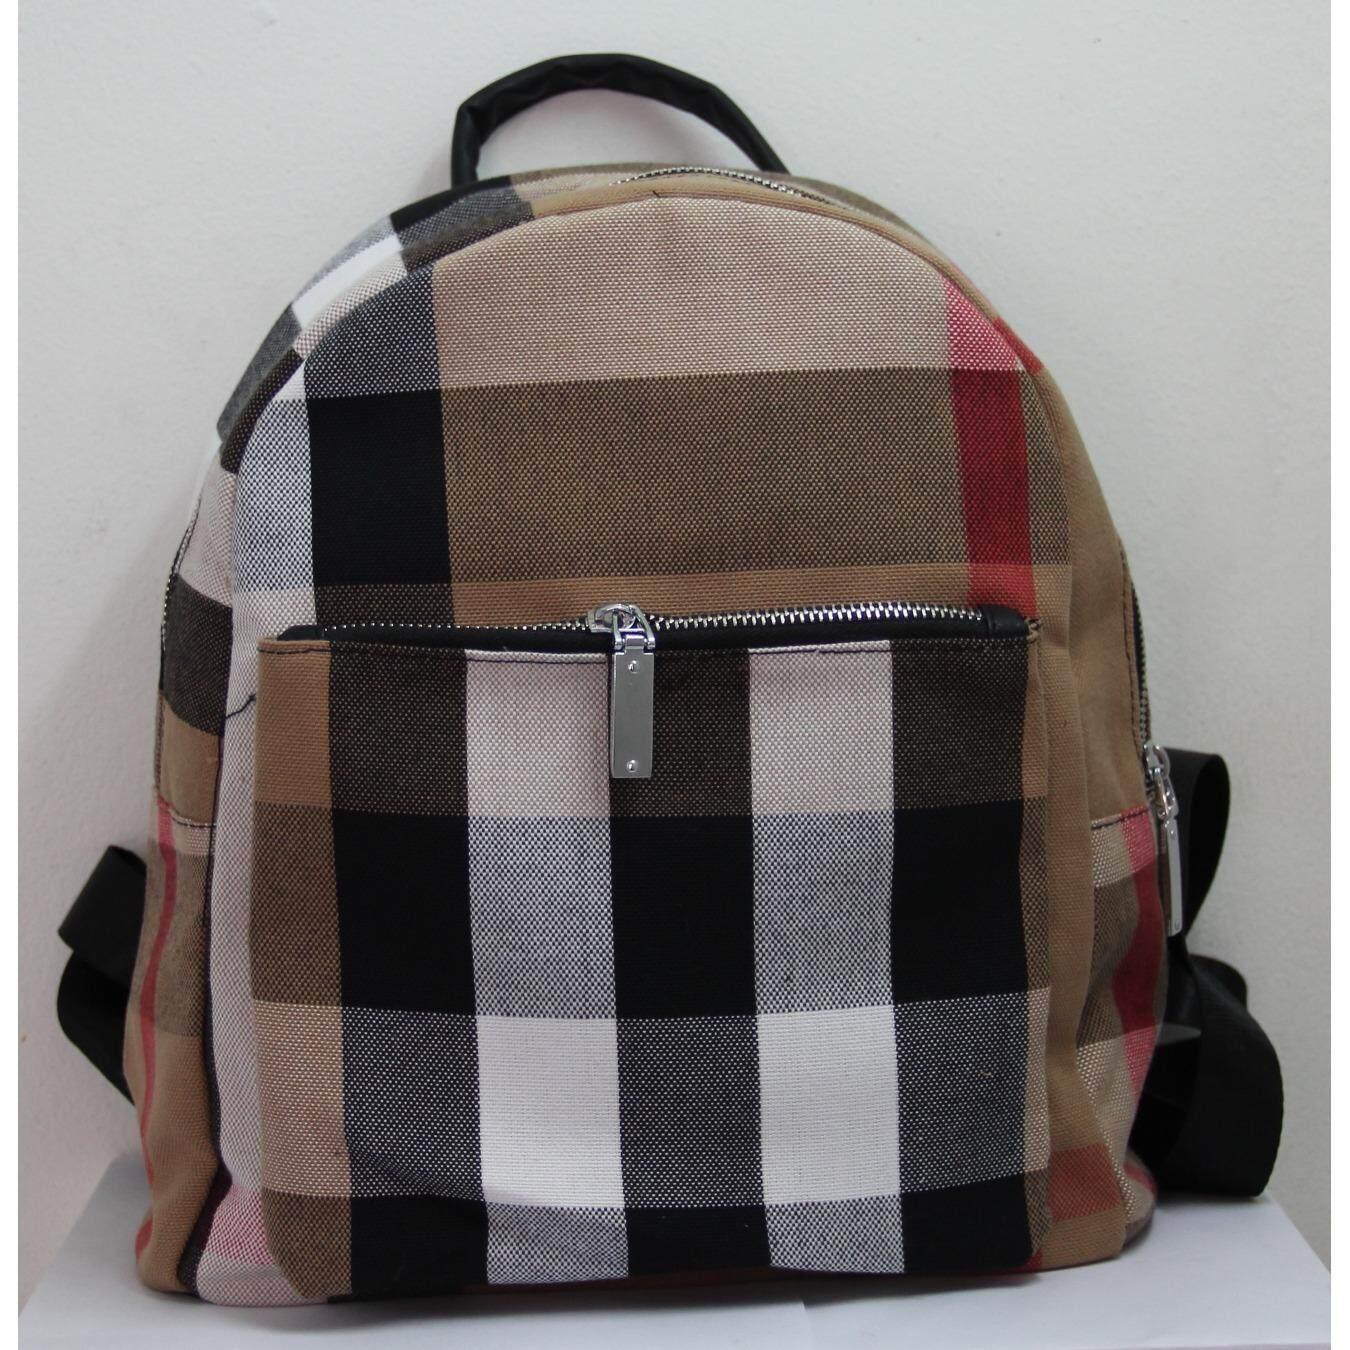 ซื้อ กระเป๋าเป้สะพายหลัง Khaewara รุ่น Kpb12 ใหม่